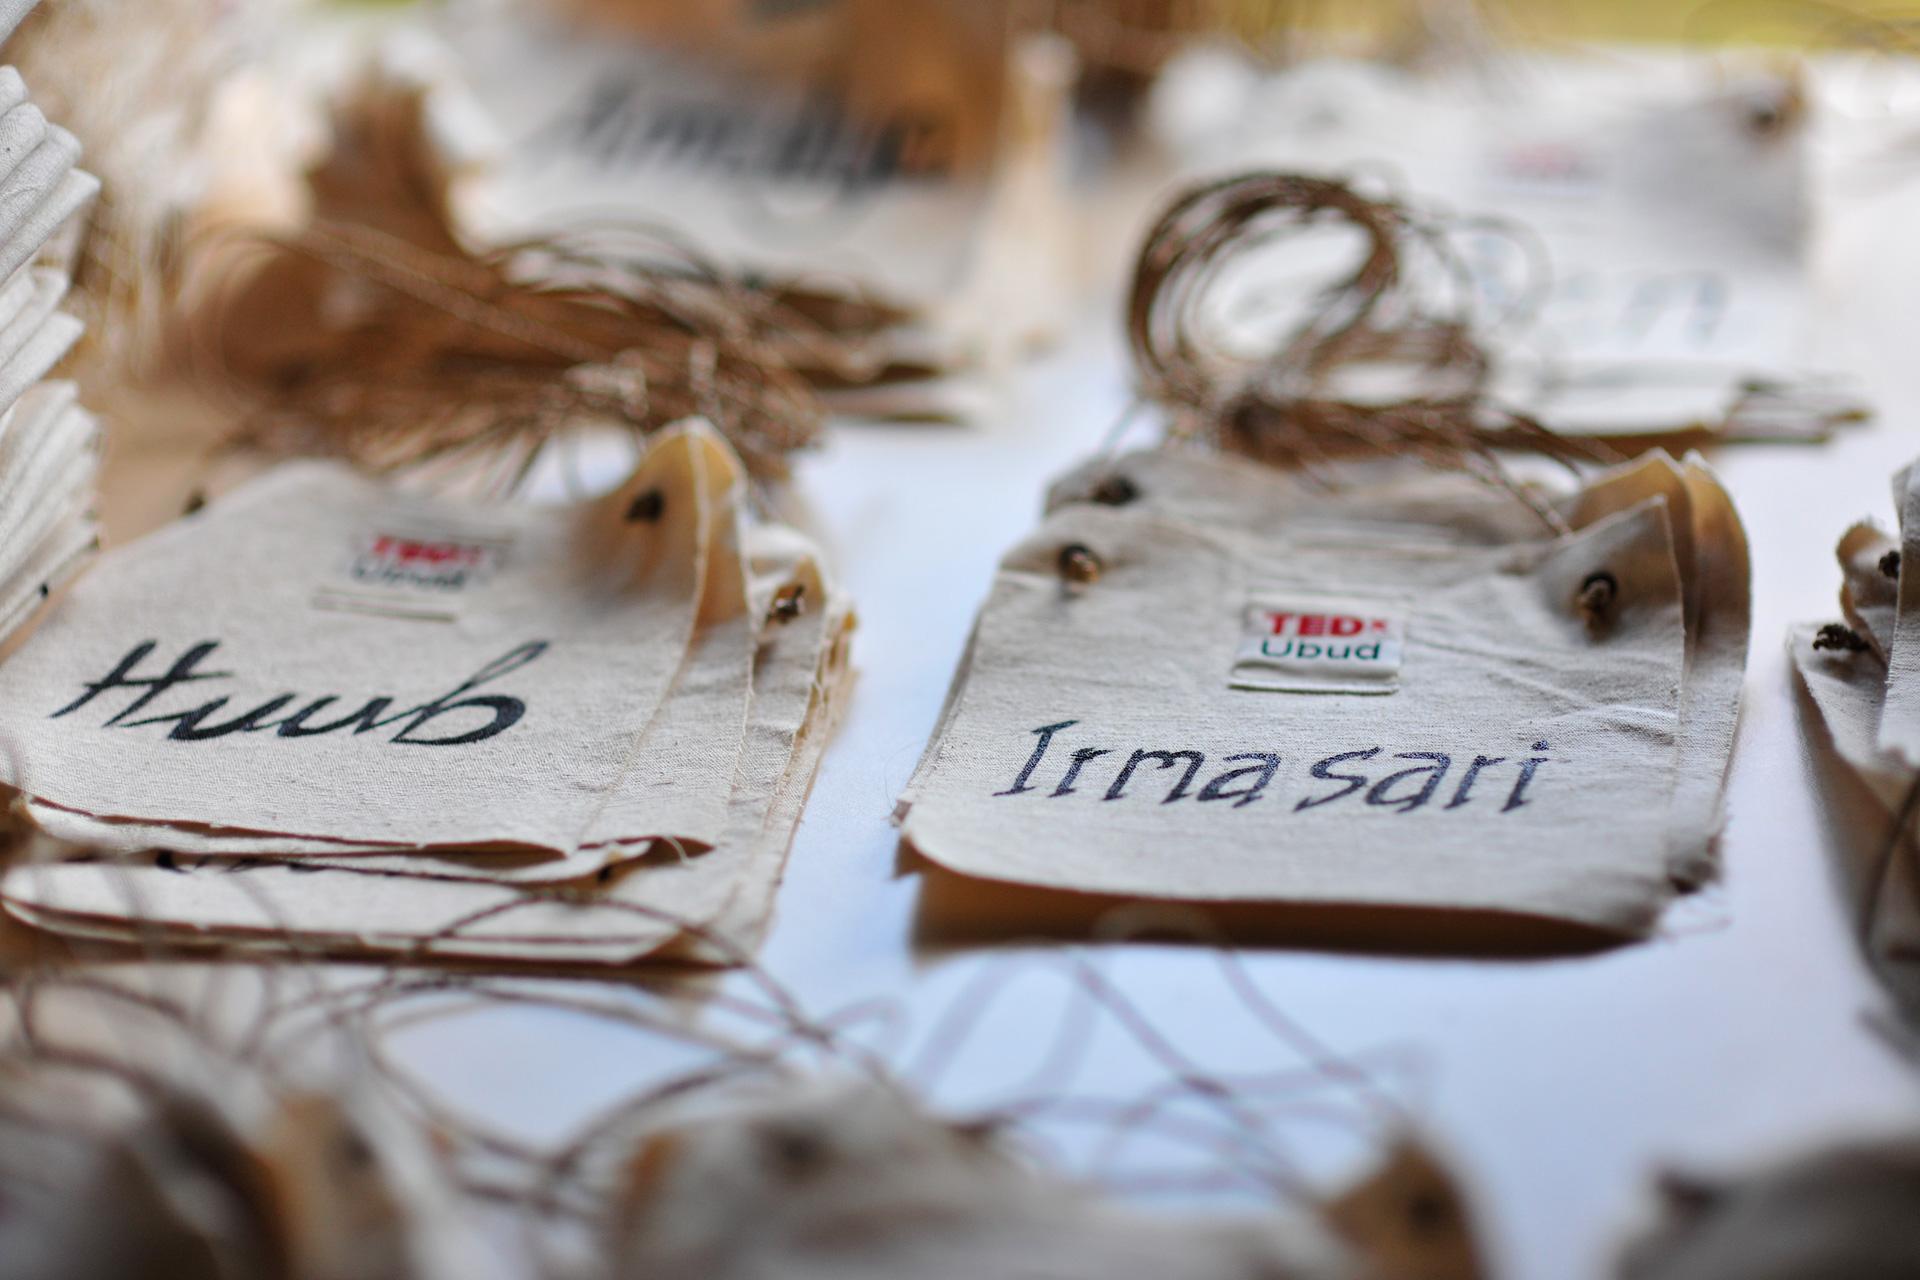 TEDx Ubud 2011 Name Badges © Viktor Prushenov_DSC1892.jpg